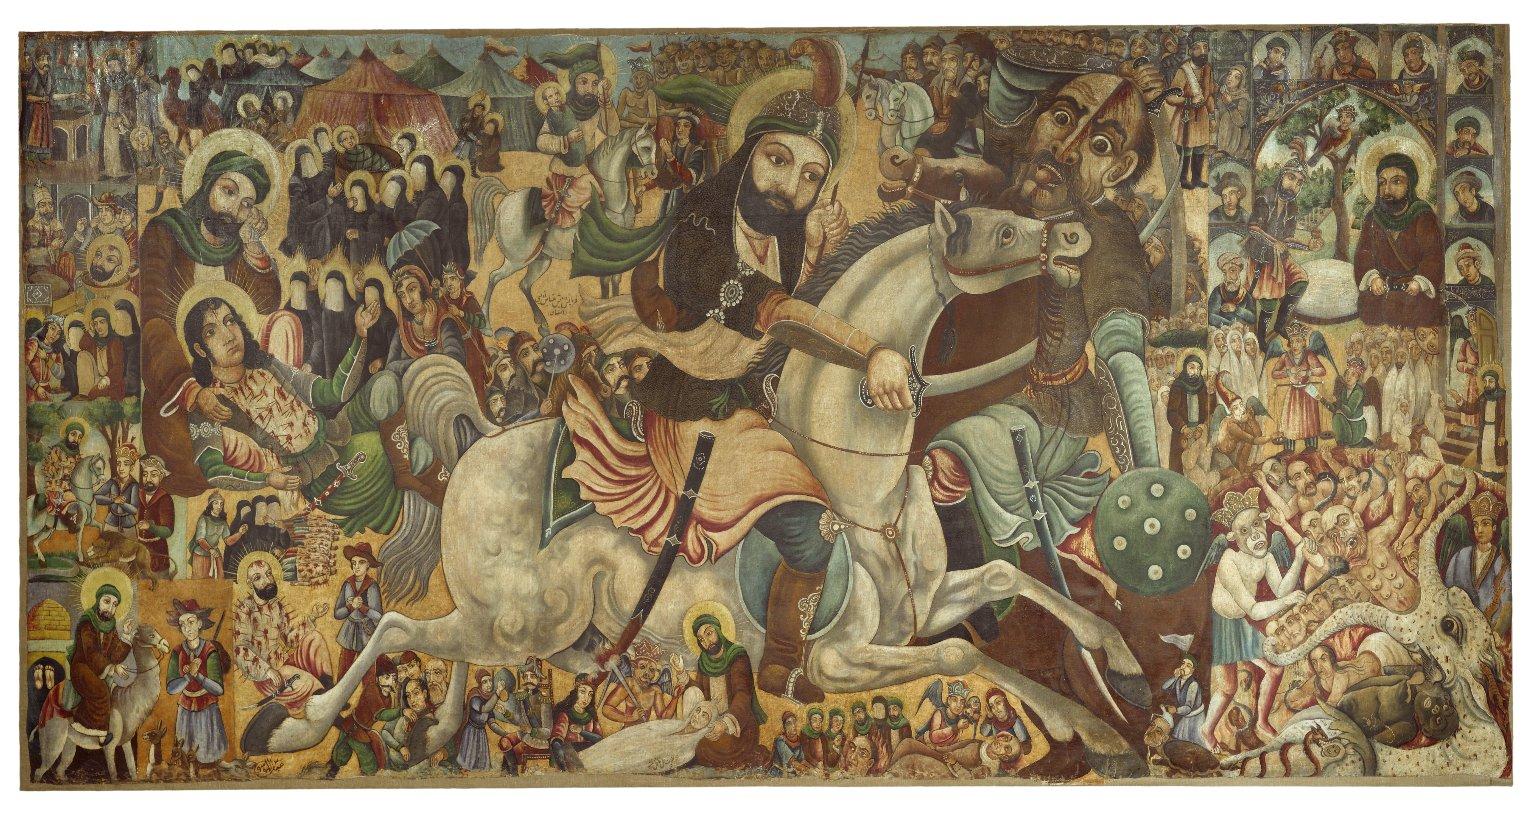 لوحة لمعركة كربلاء في متحف بروكلين